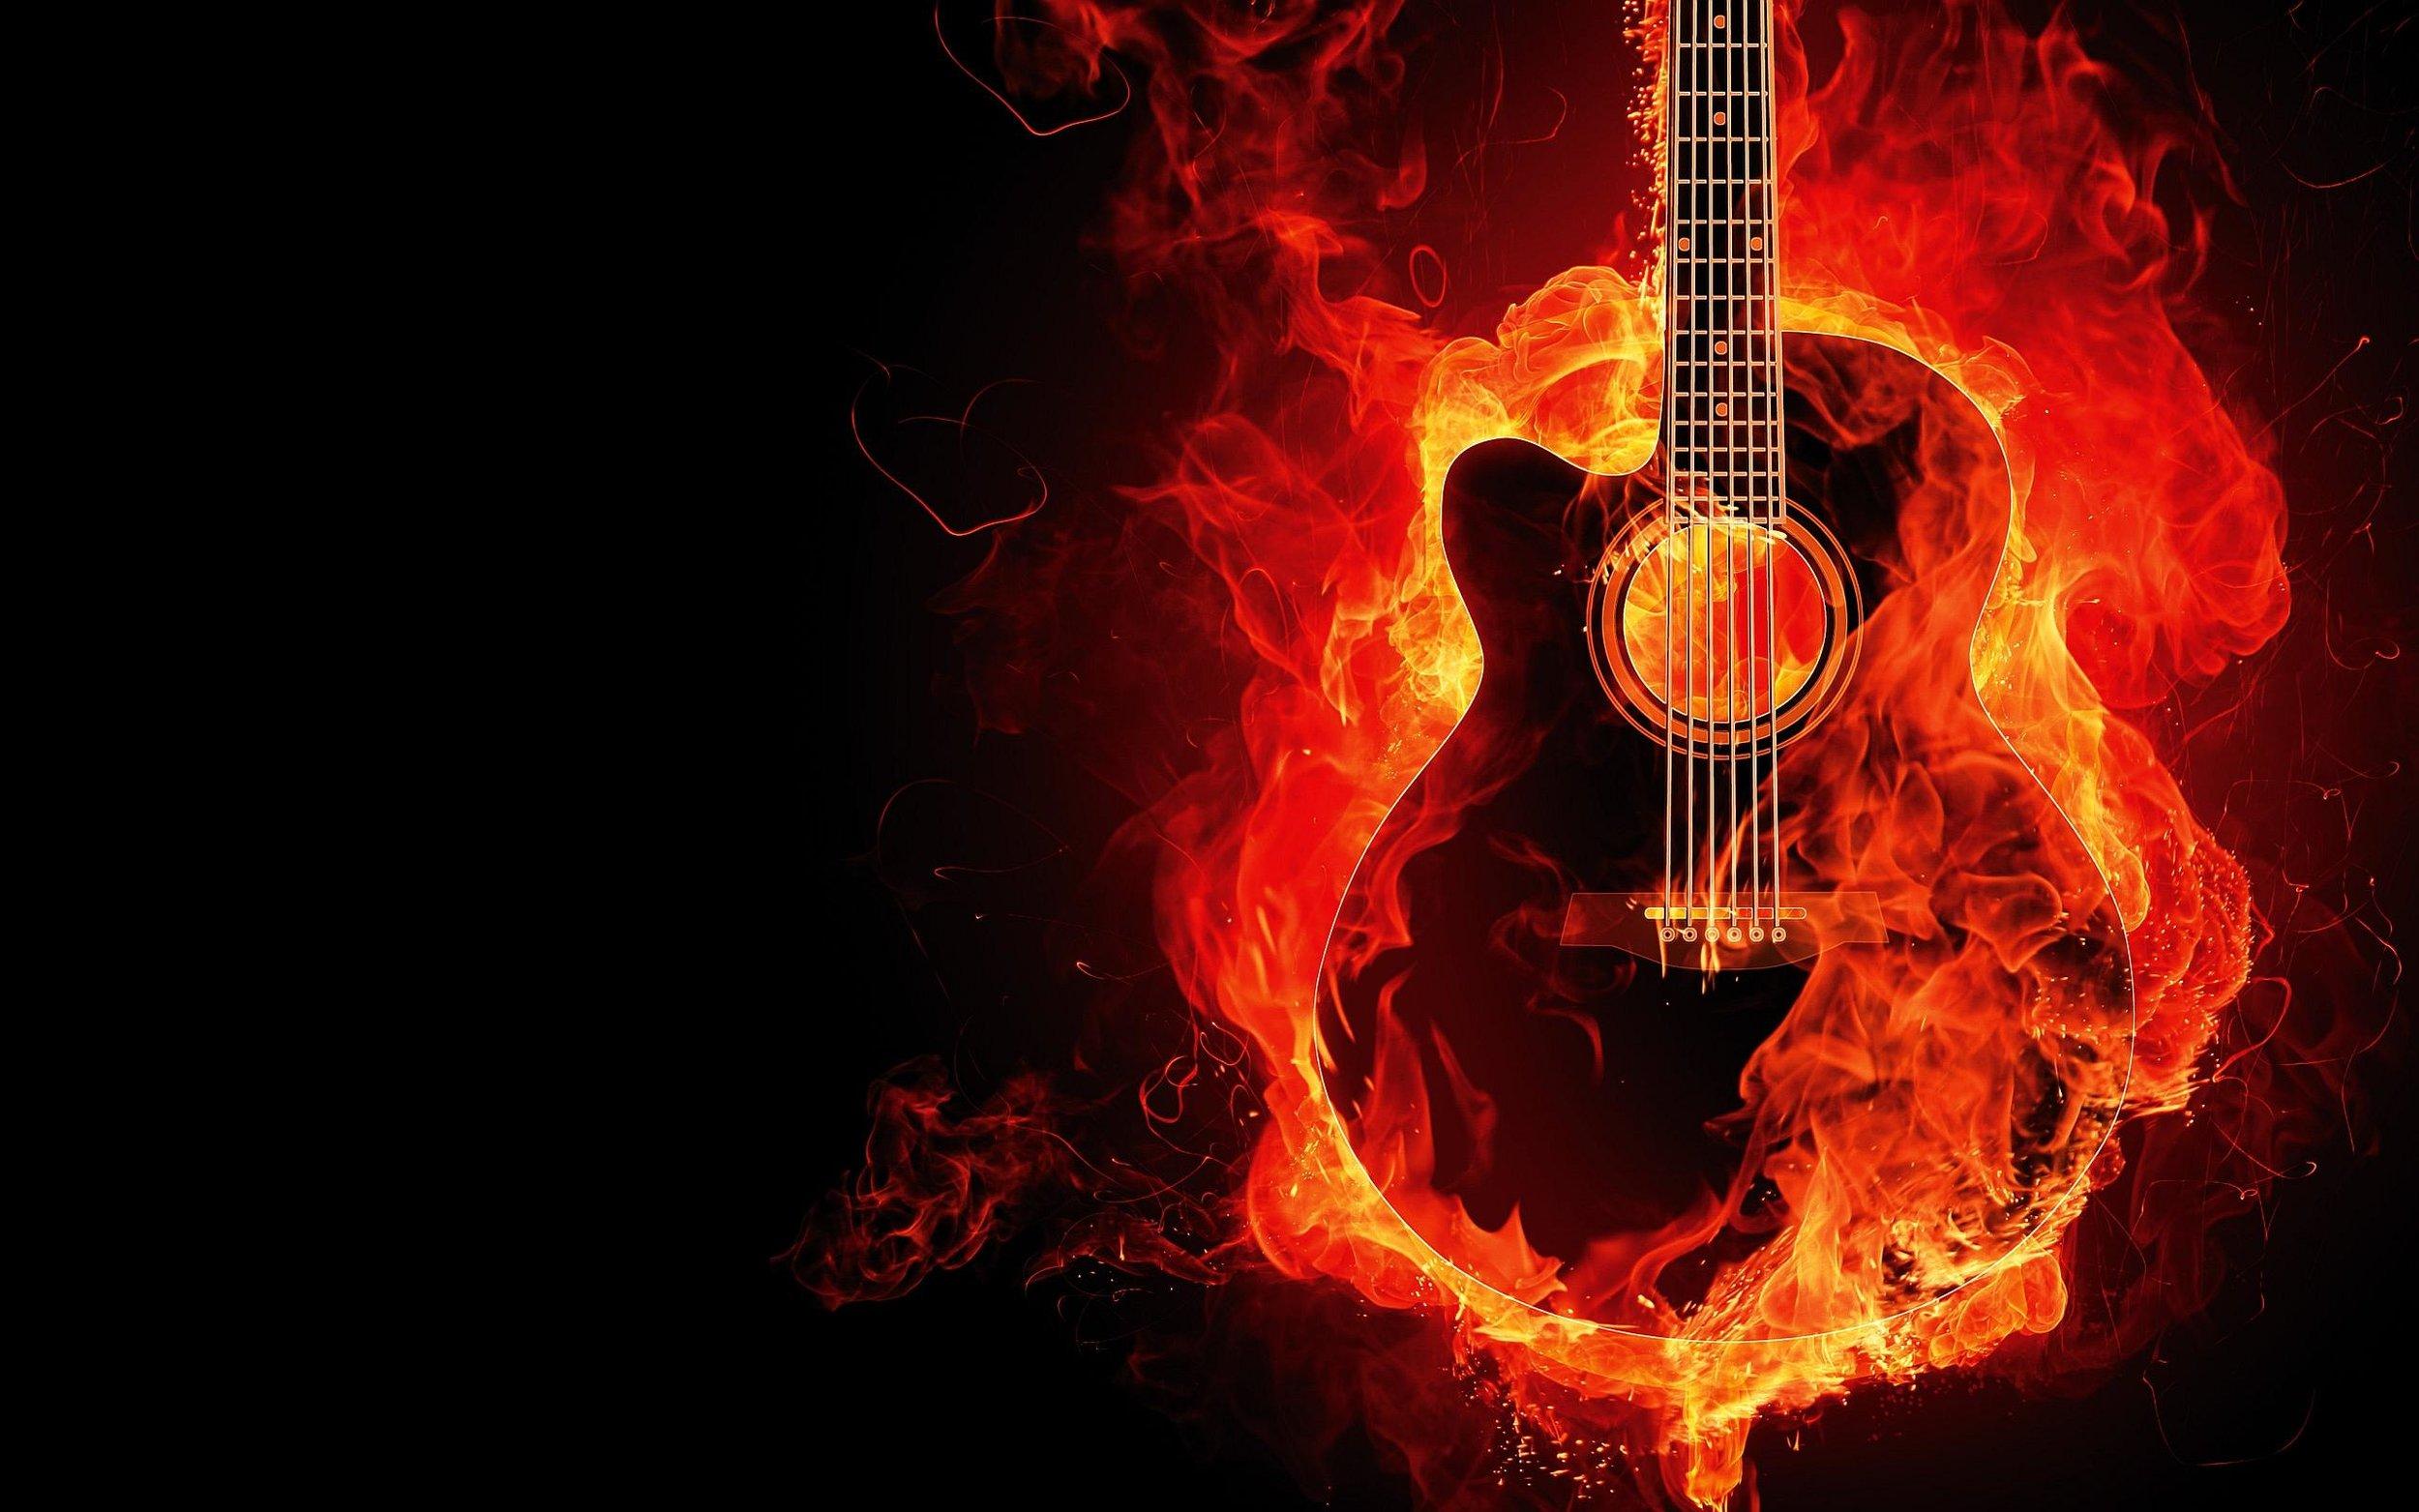 tekkers guitar